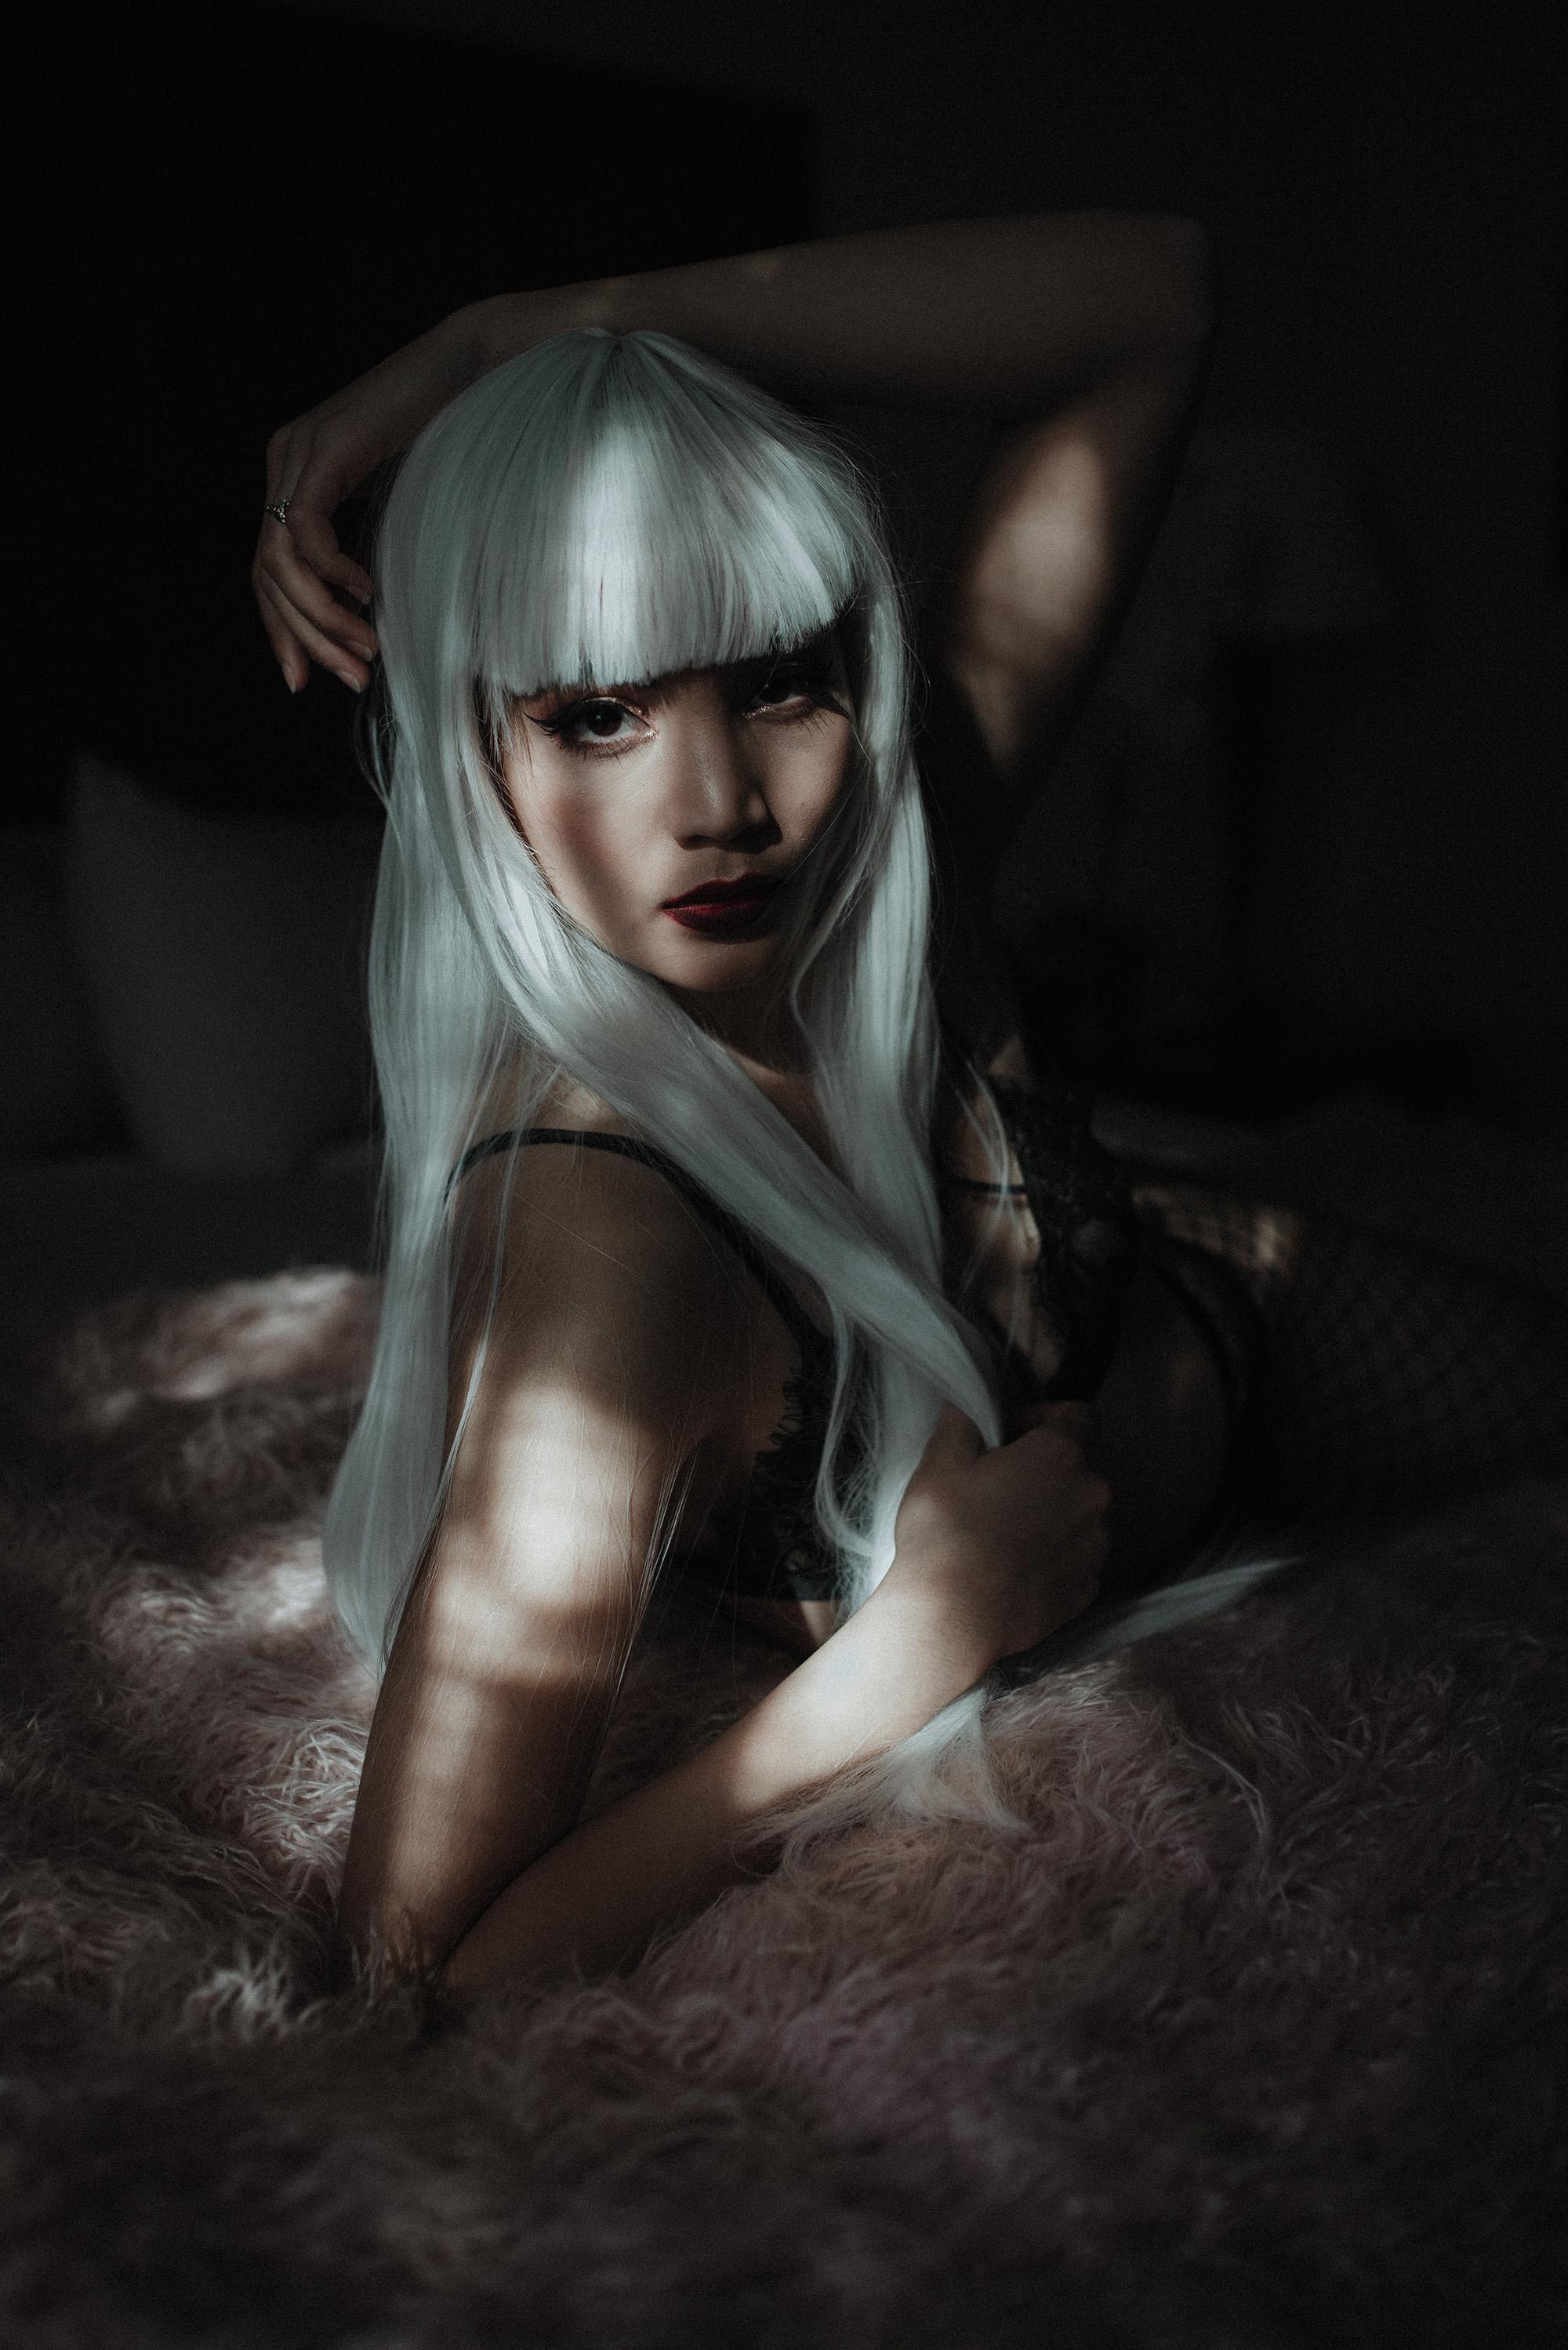 click-away-boudoirclass-jasminjade10.jpg